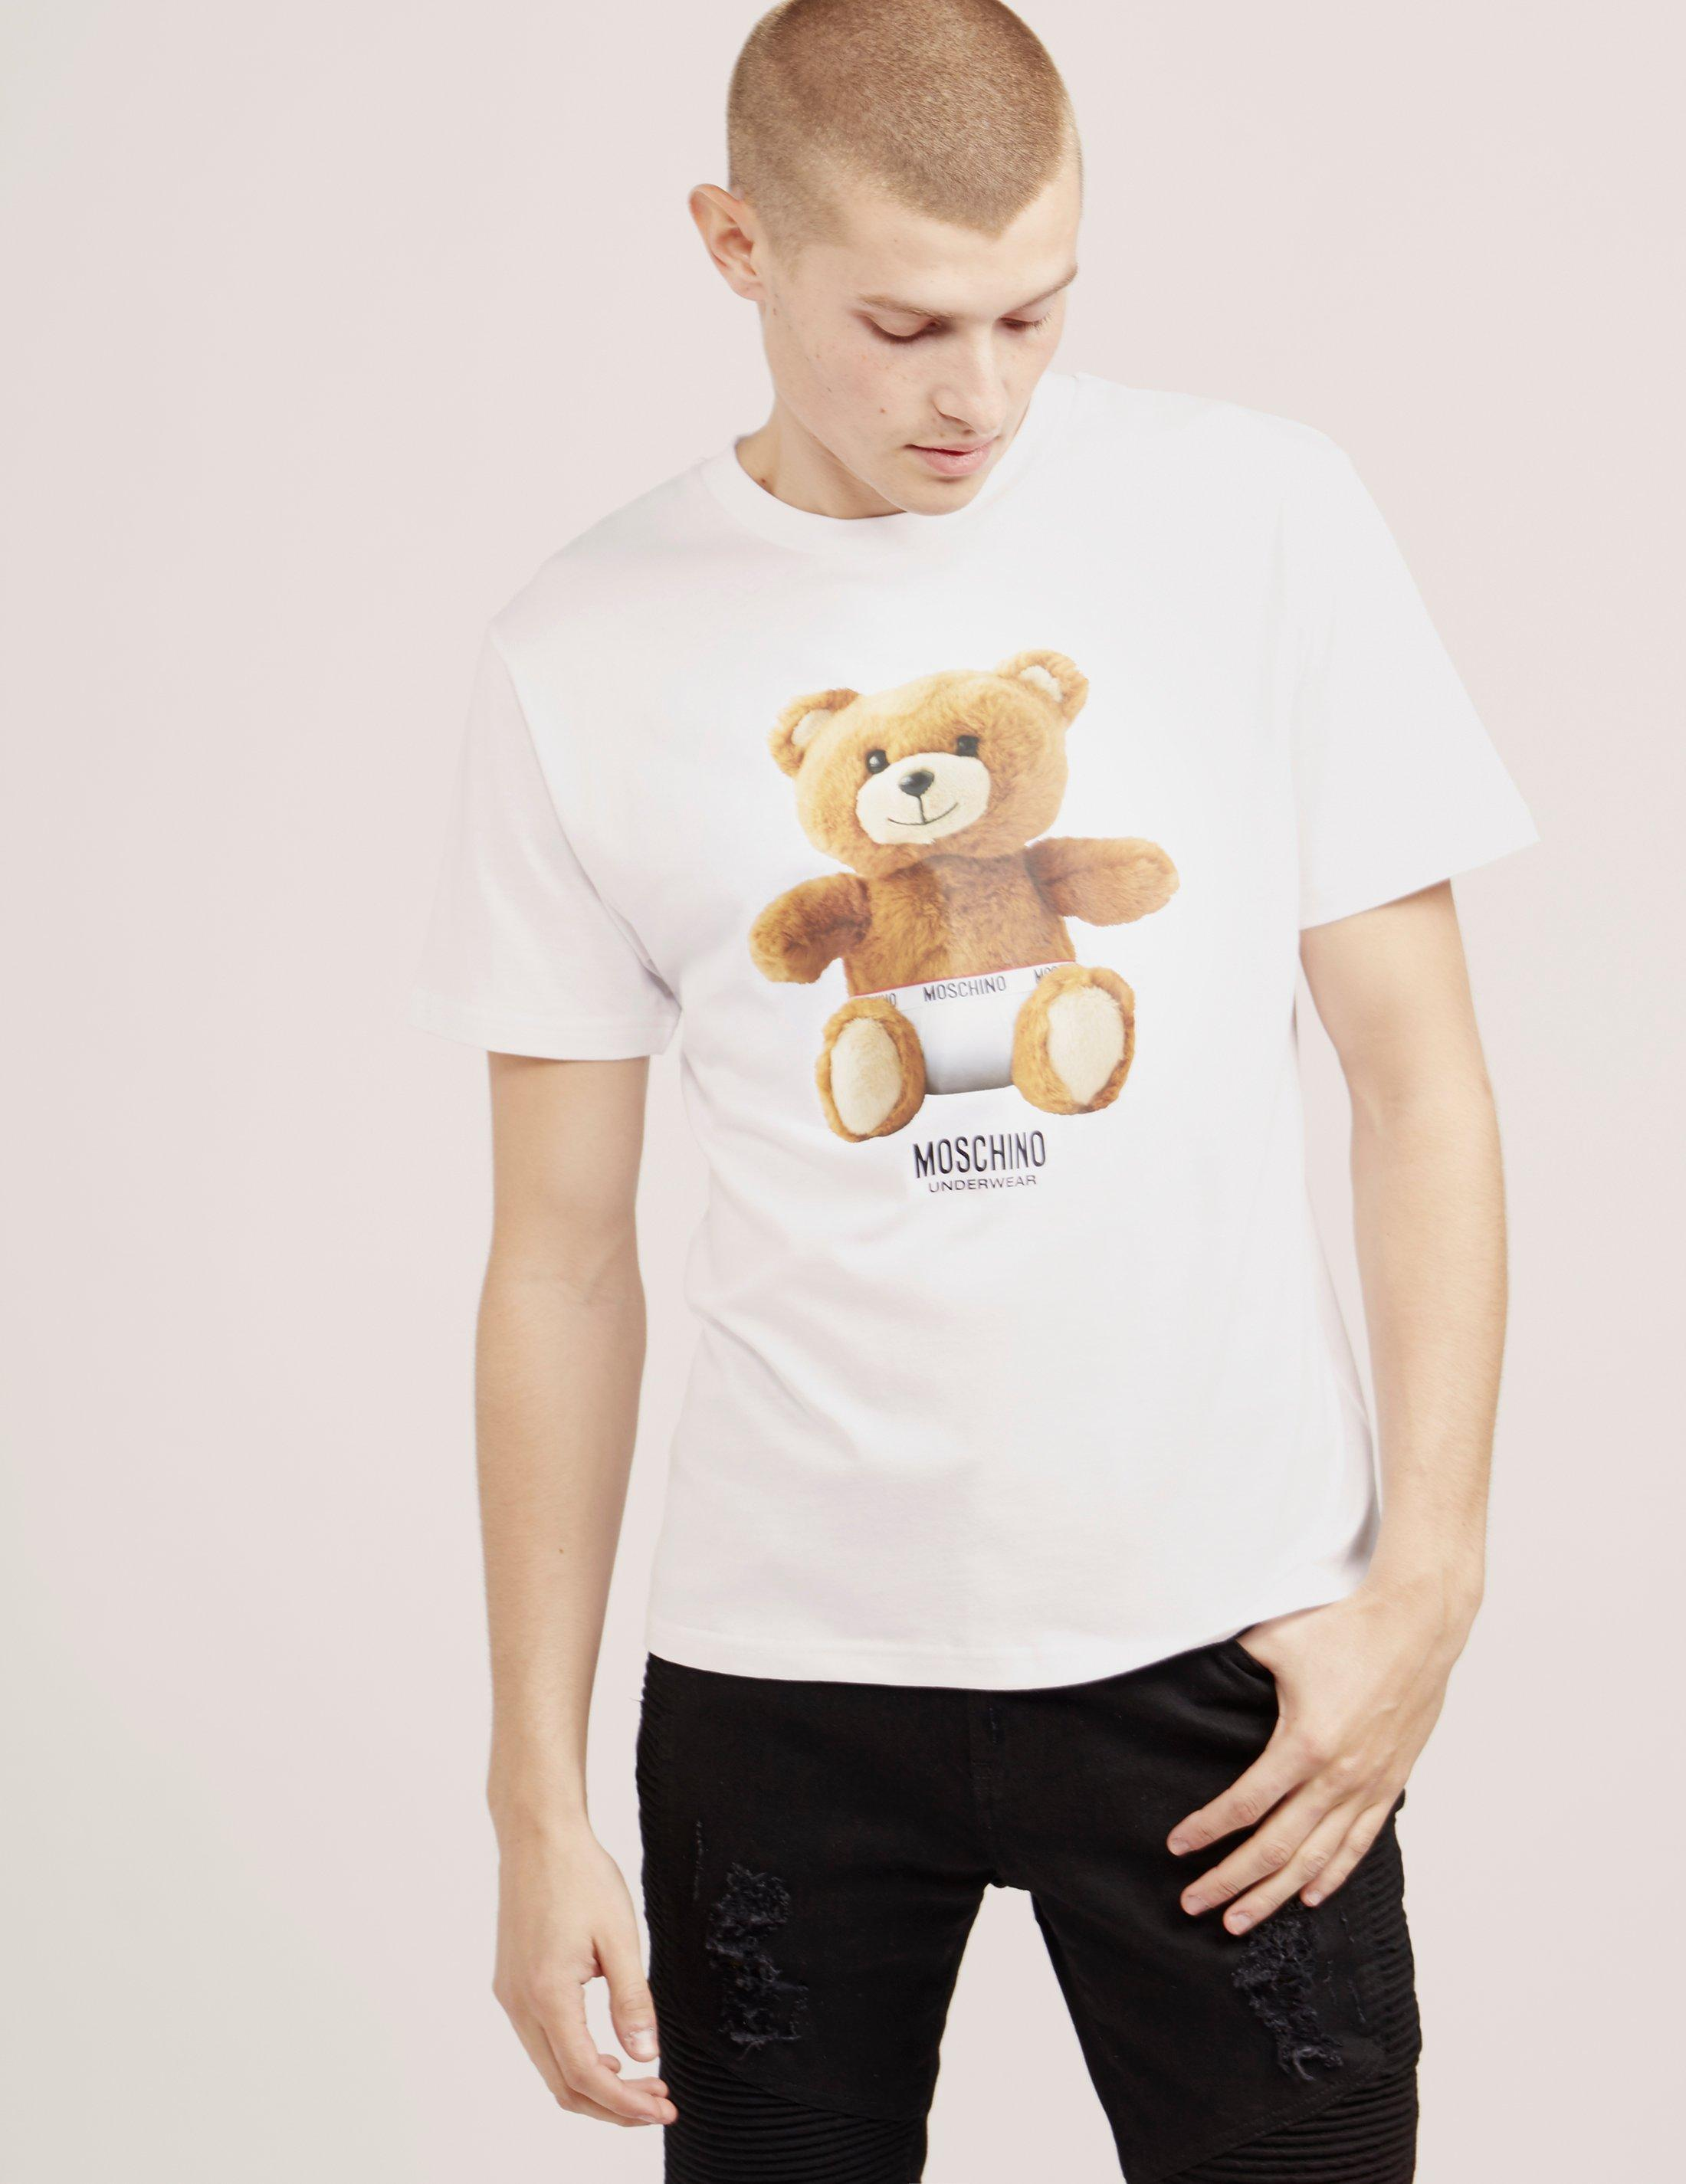 7edcd4e4 Moschino Mens Bear Short Sleeve T-shirt White, White in White for ...